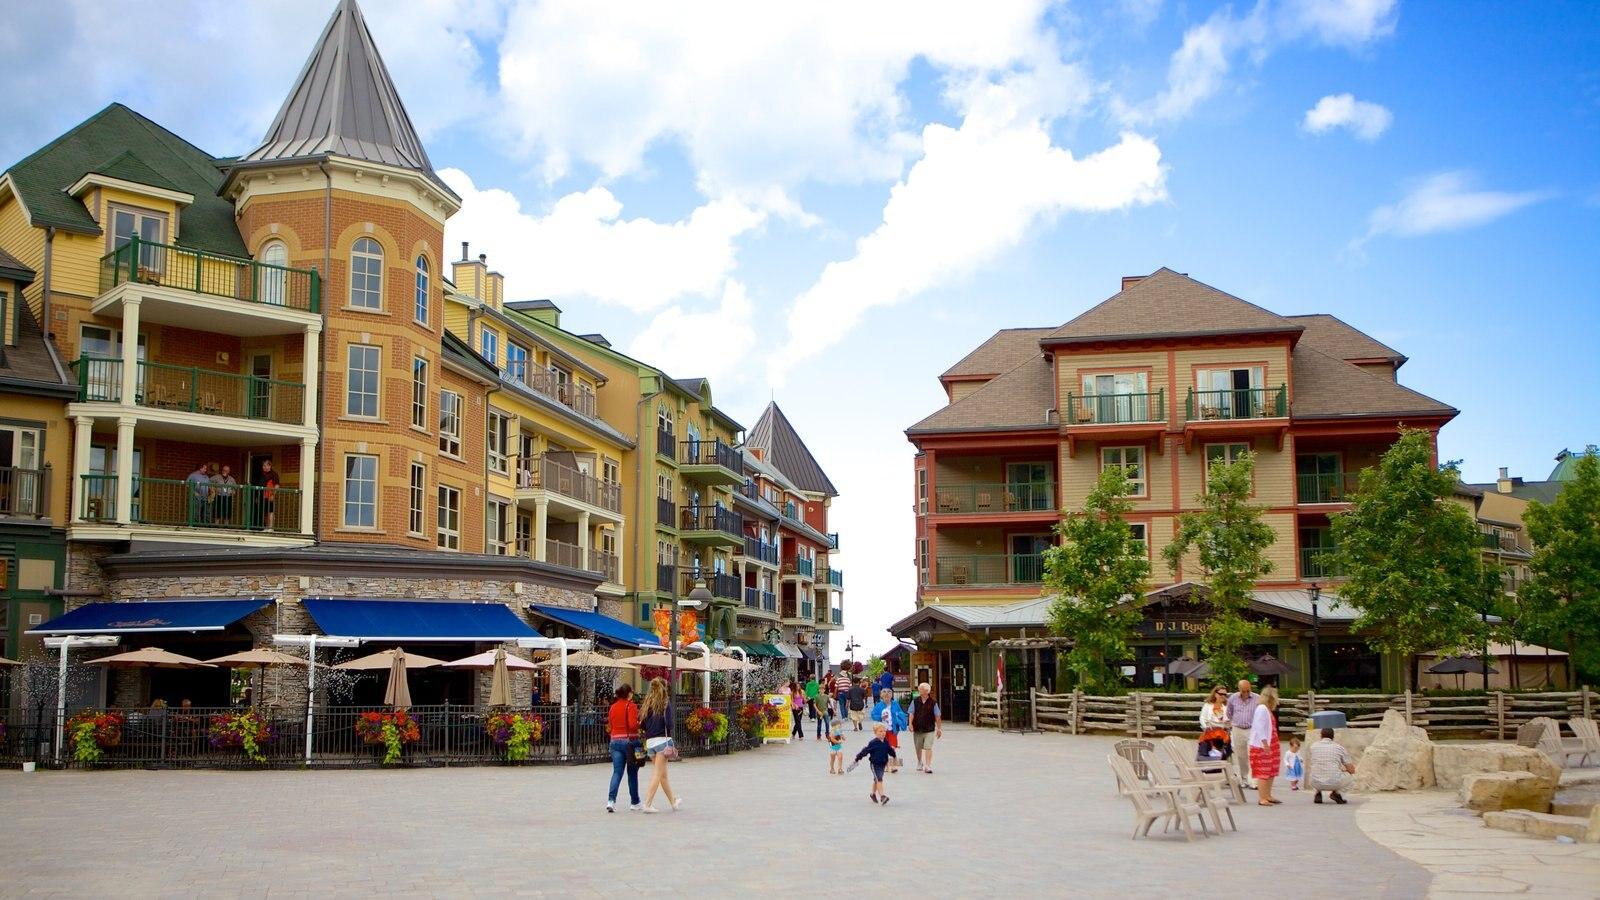 Blue Mountains mostrando cenas de rua e uma cidade pequena ou vila